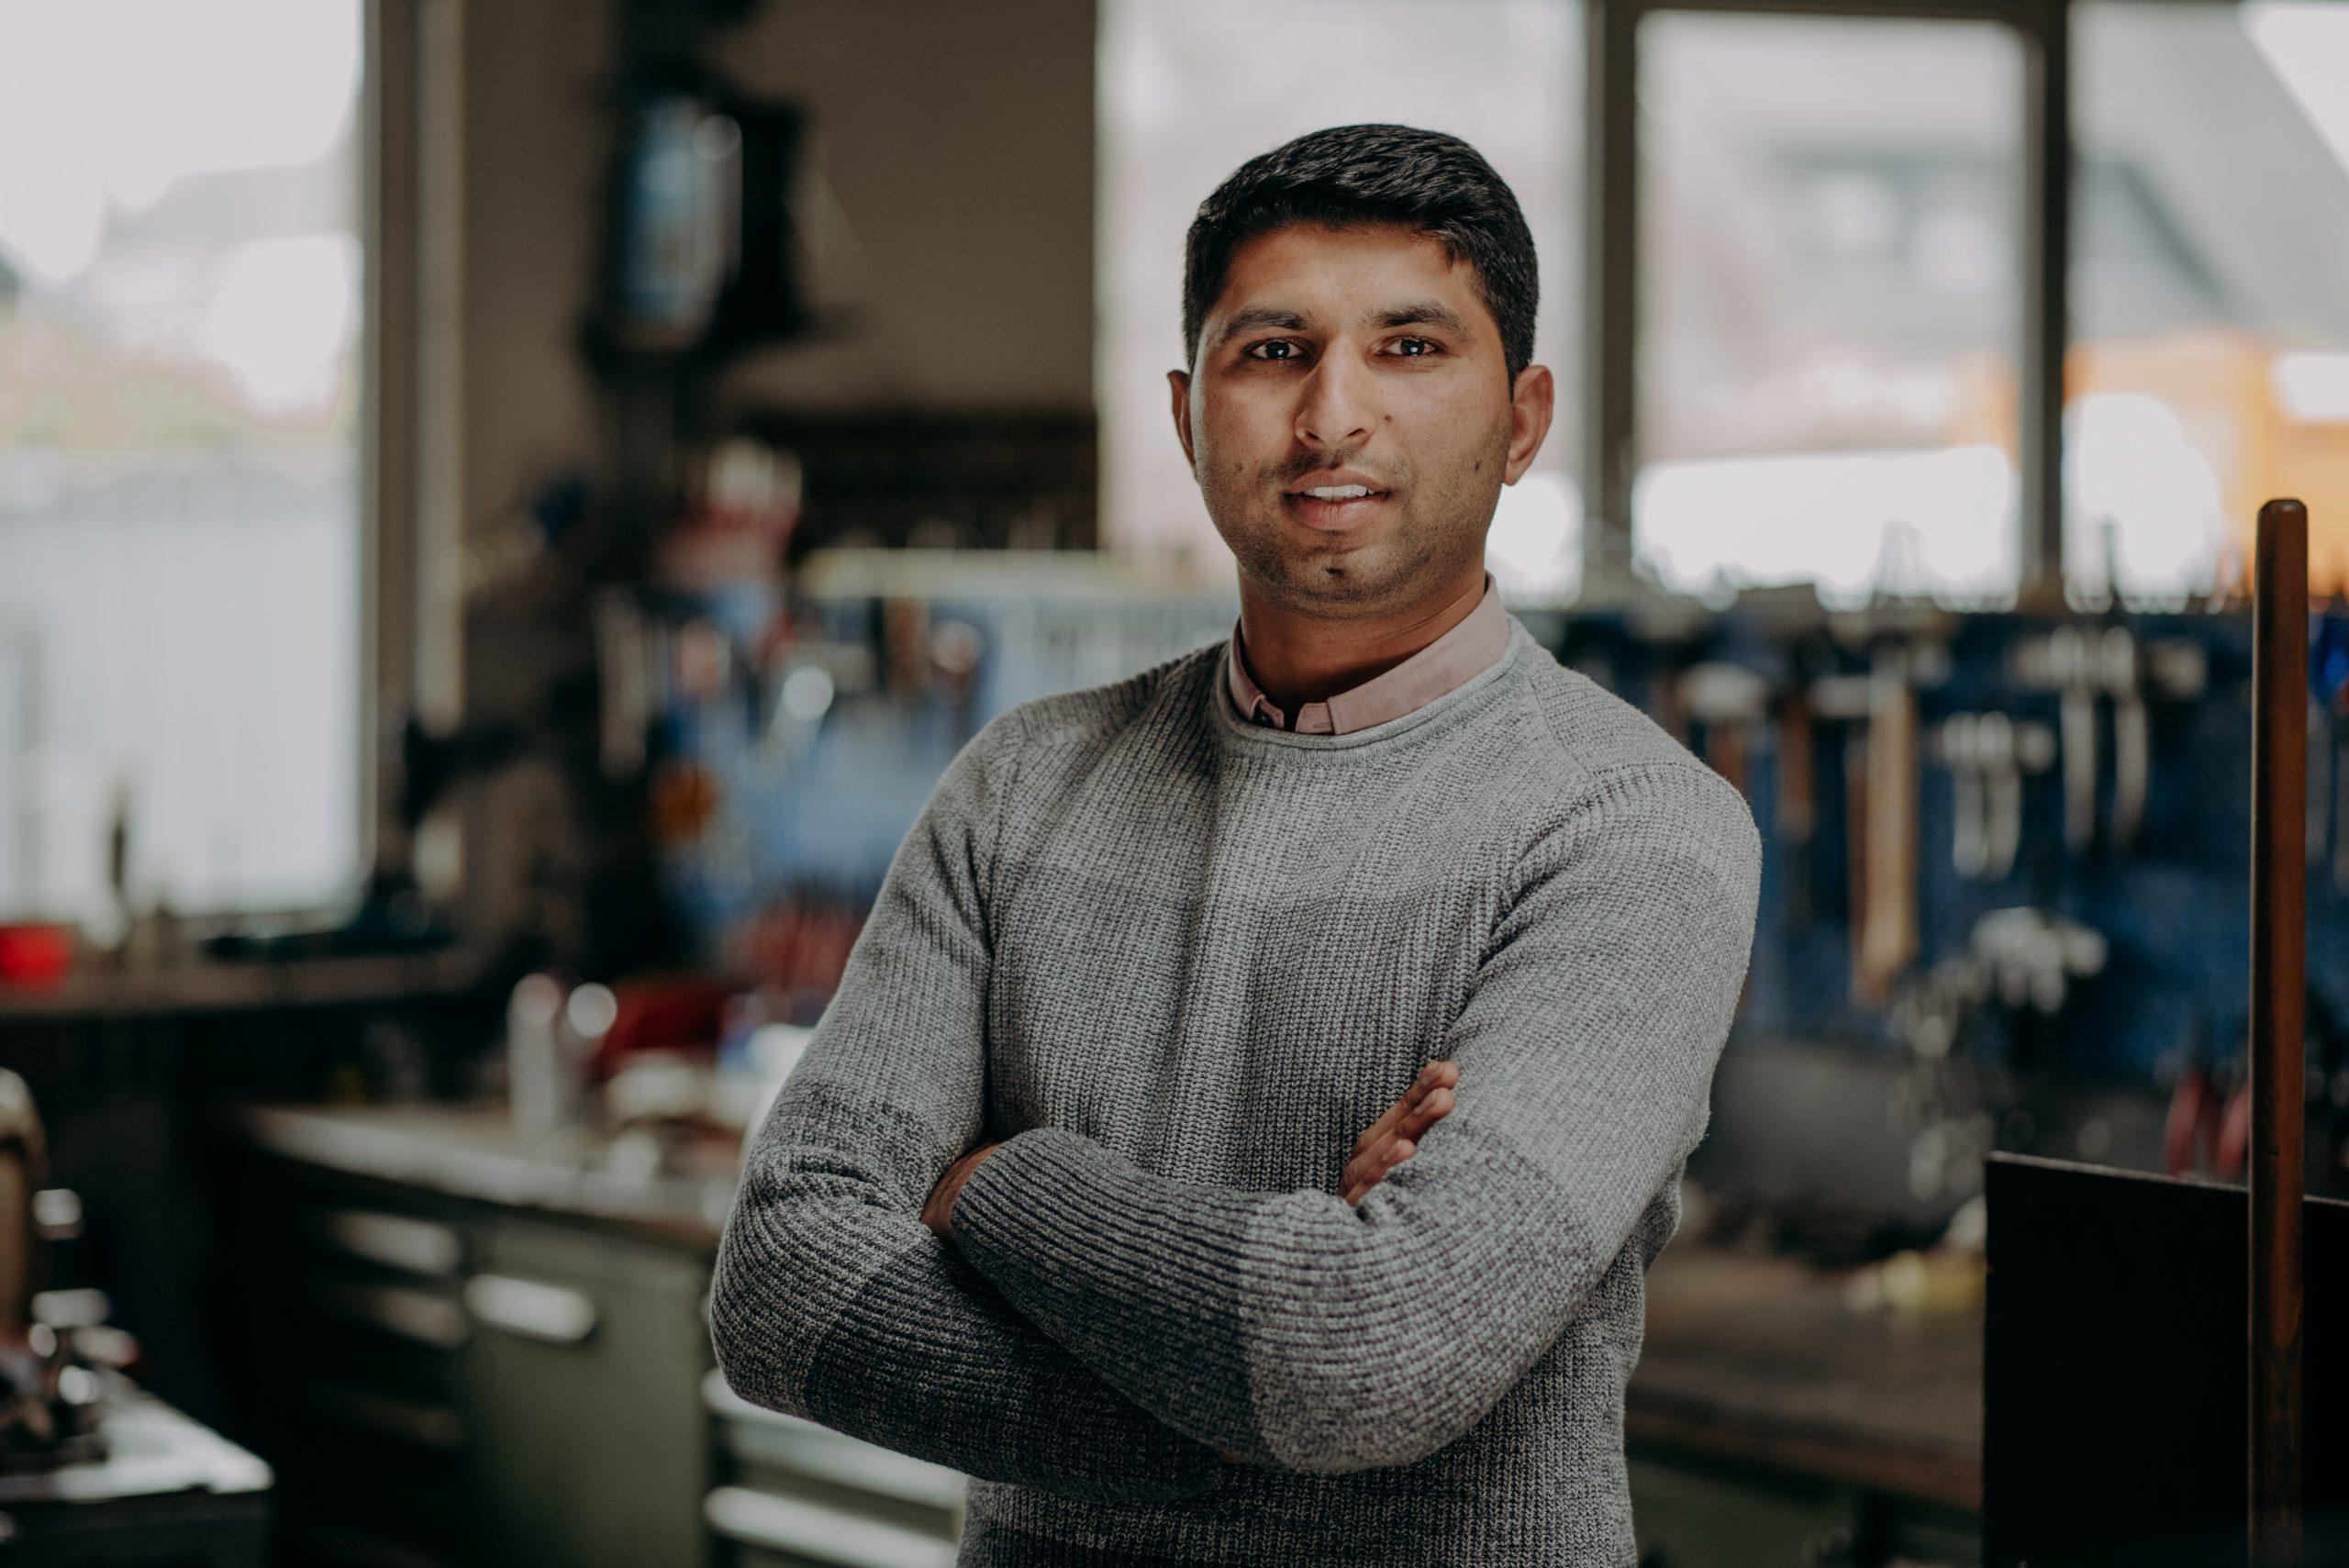 Mann steht Arme verschränkt in einer Werkstatt